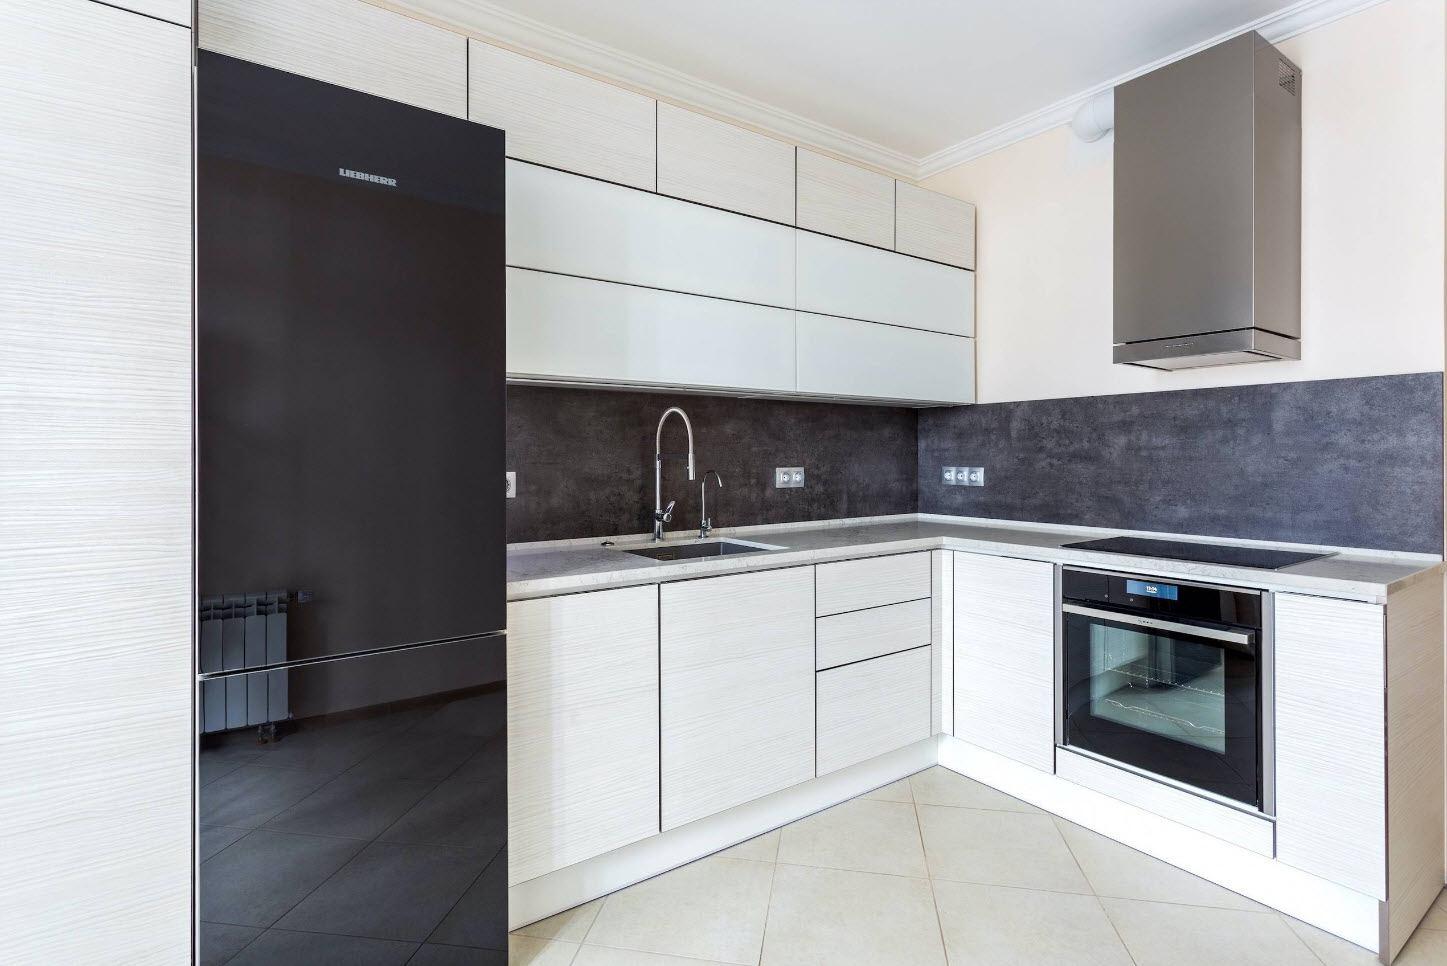 Ultramodern design in white colored kitchen with dark refrigerator